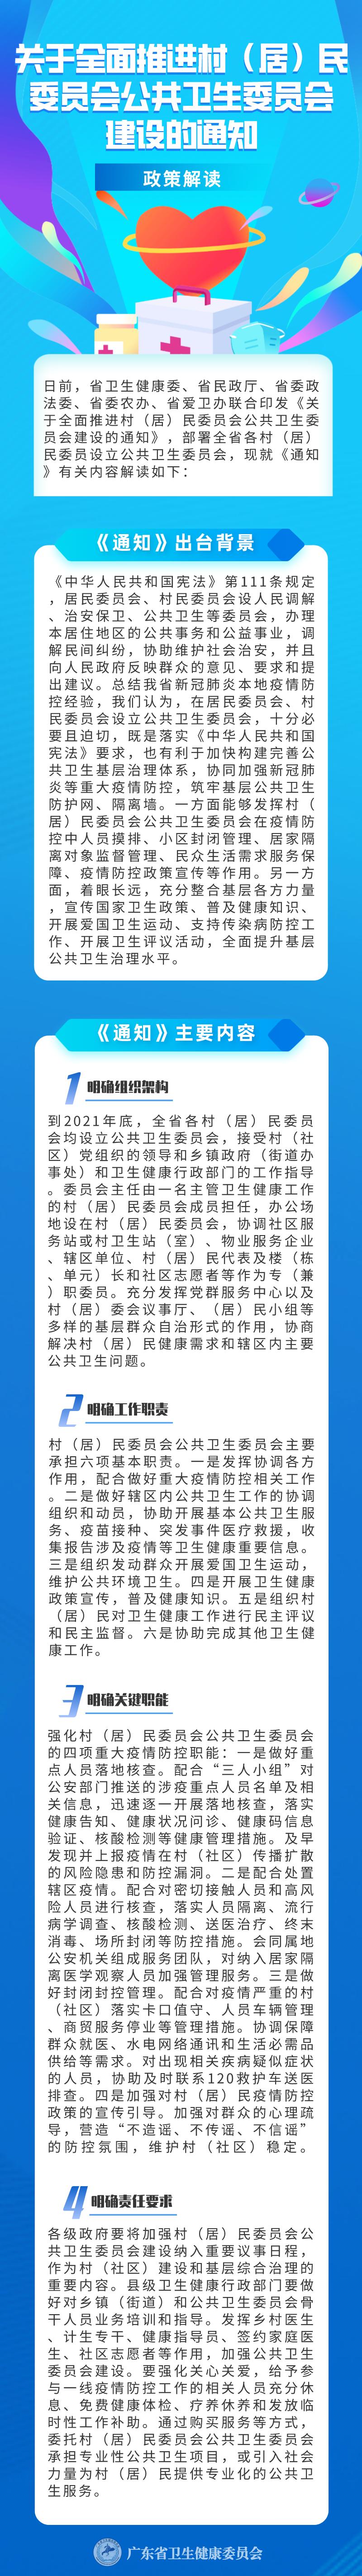 关于全面推进村(居)民委员会公共卫生委员会建设的通知政策解读_自定义px_2021-09-03+10_58_25.png